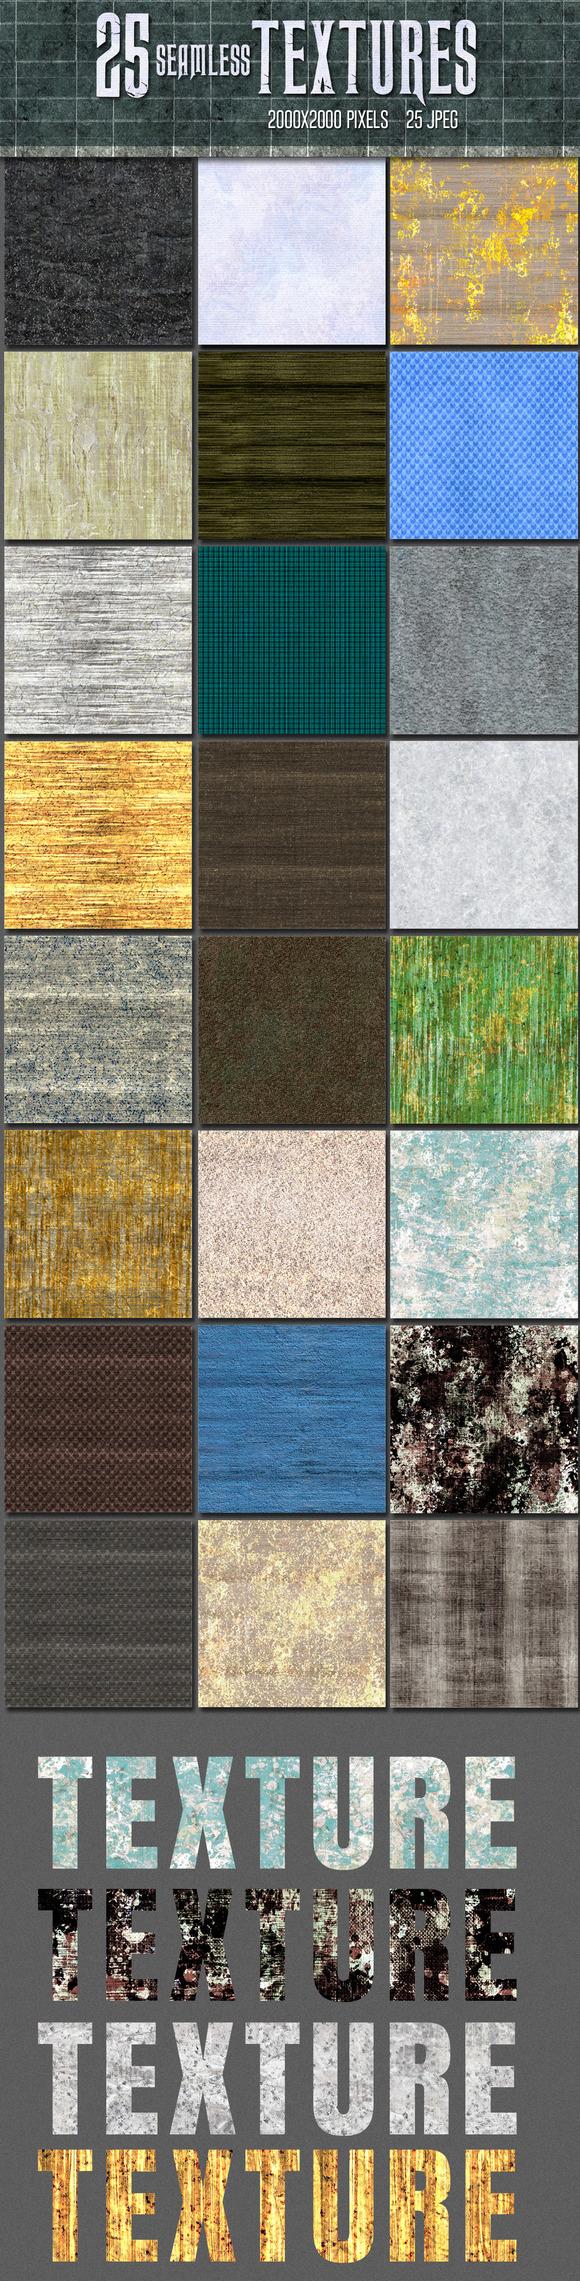 25 Seamless Textures